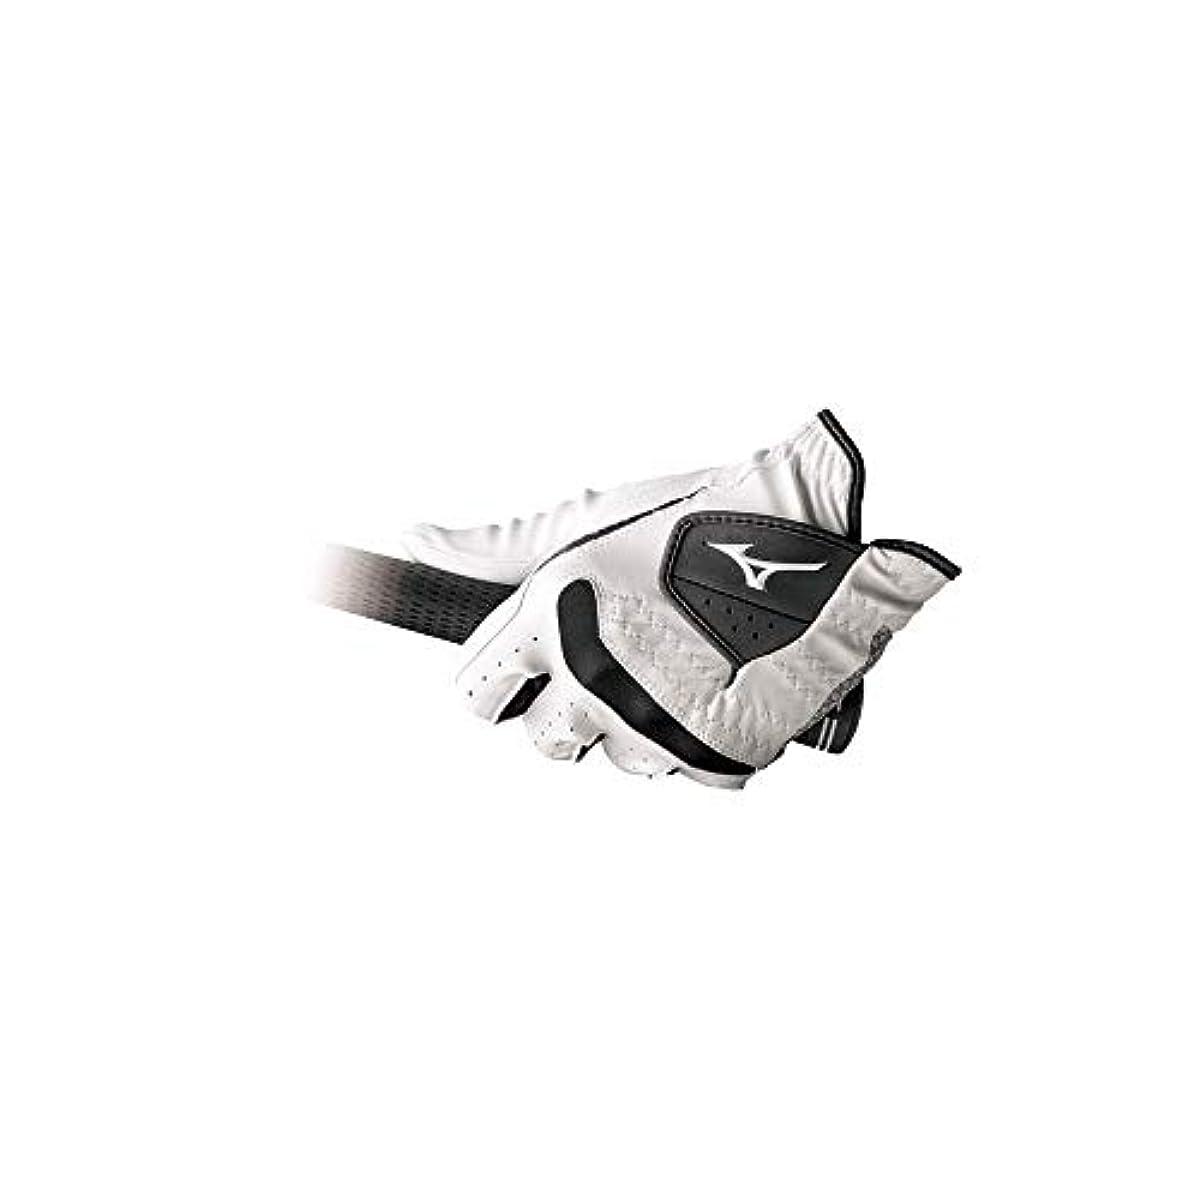 [해외] MIZUNO(미즈노) 골프 장갑 콘 피그 립 맨즈 왼손용 골프 글러브 5MJML602 21~26CM